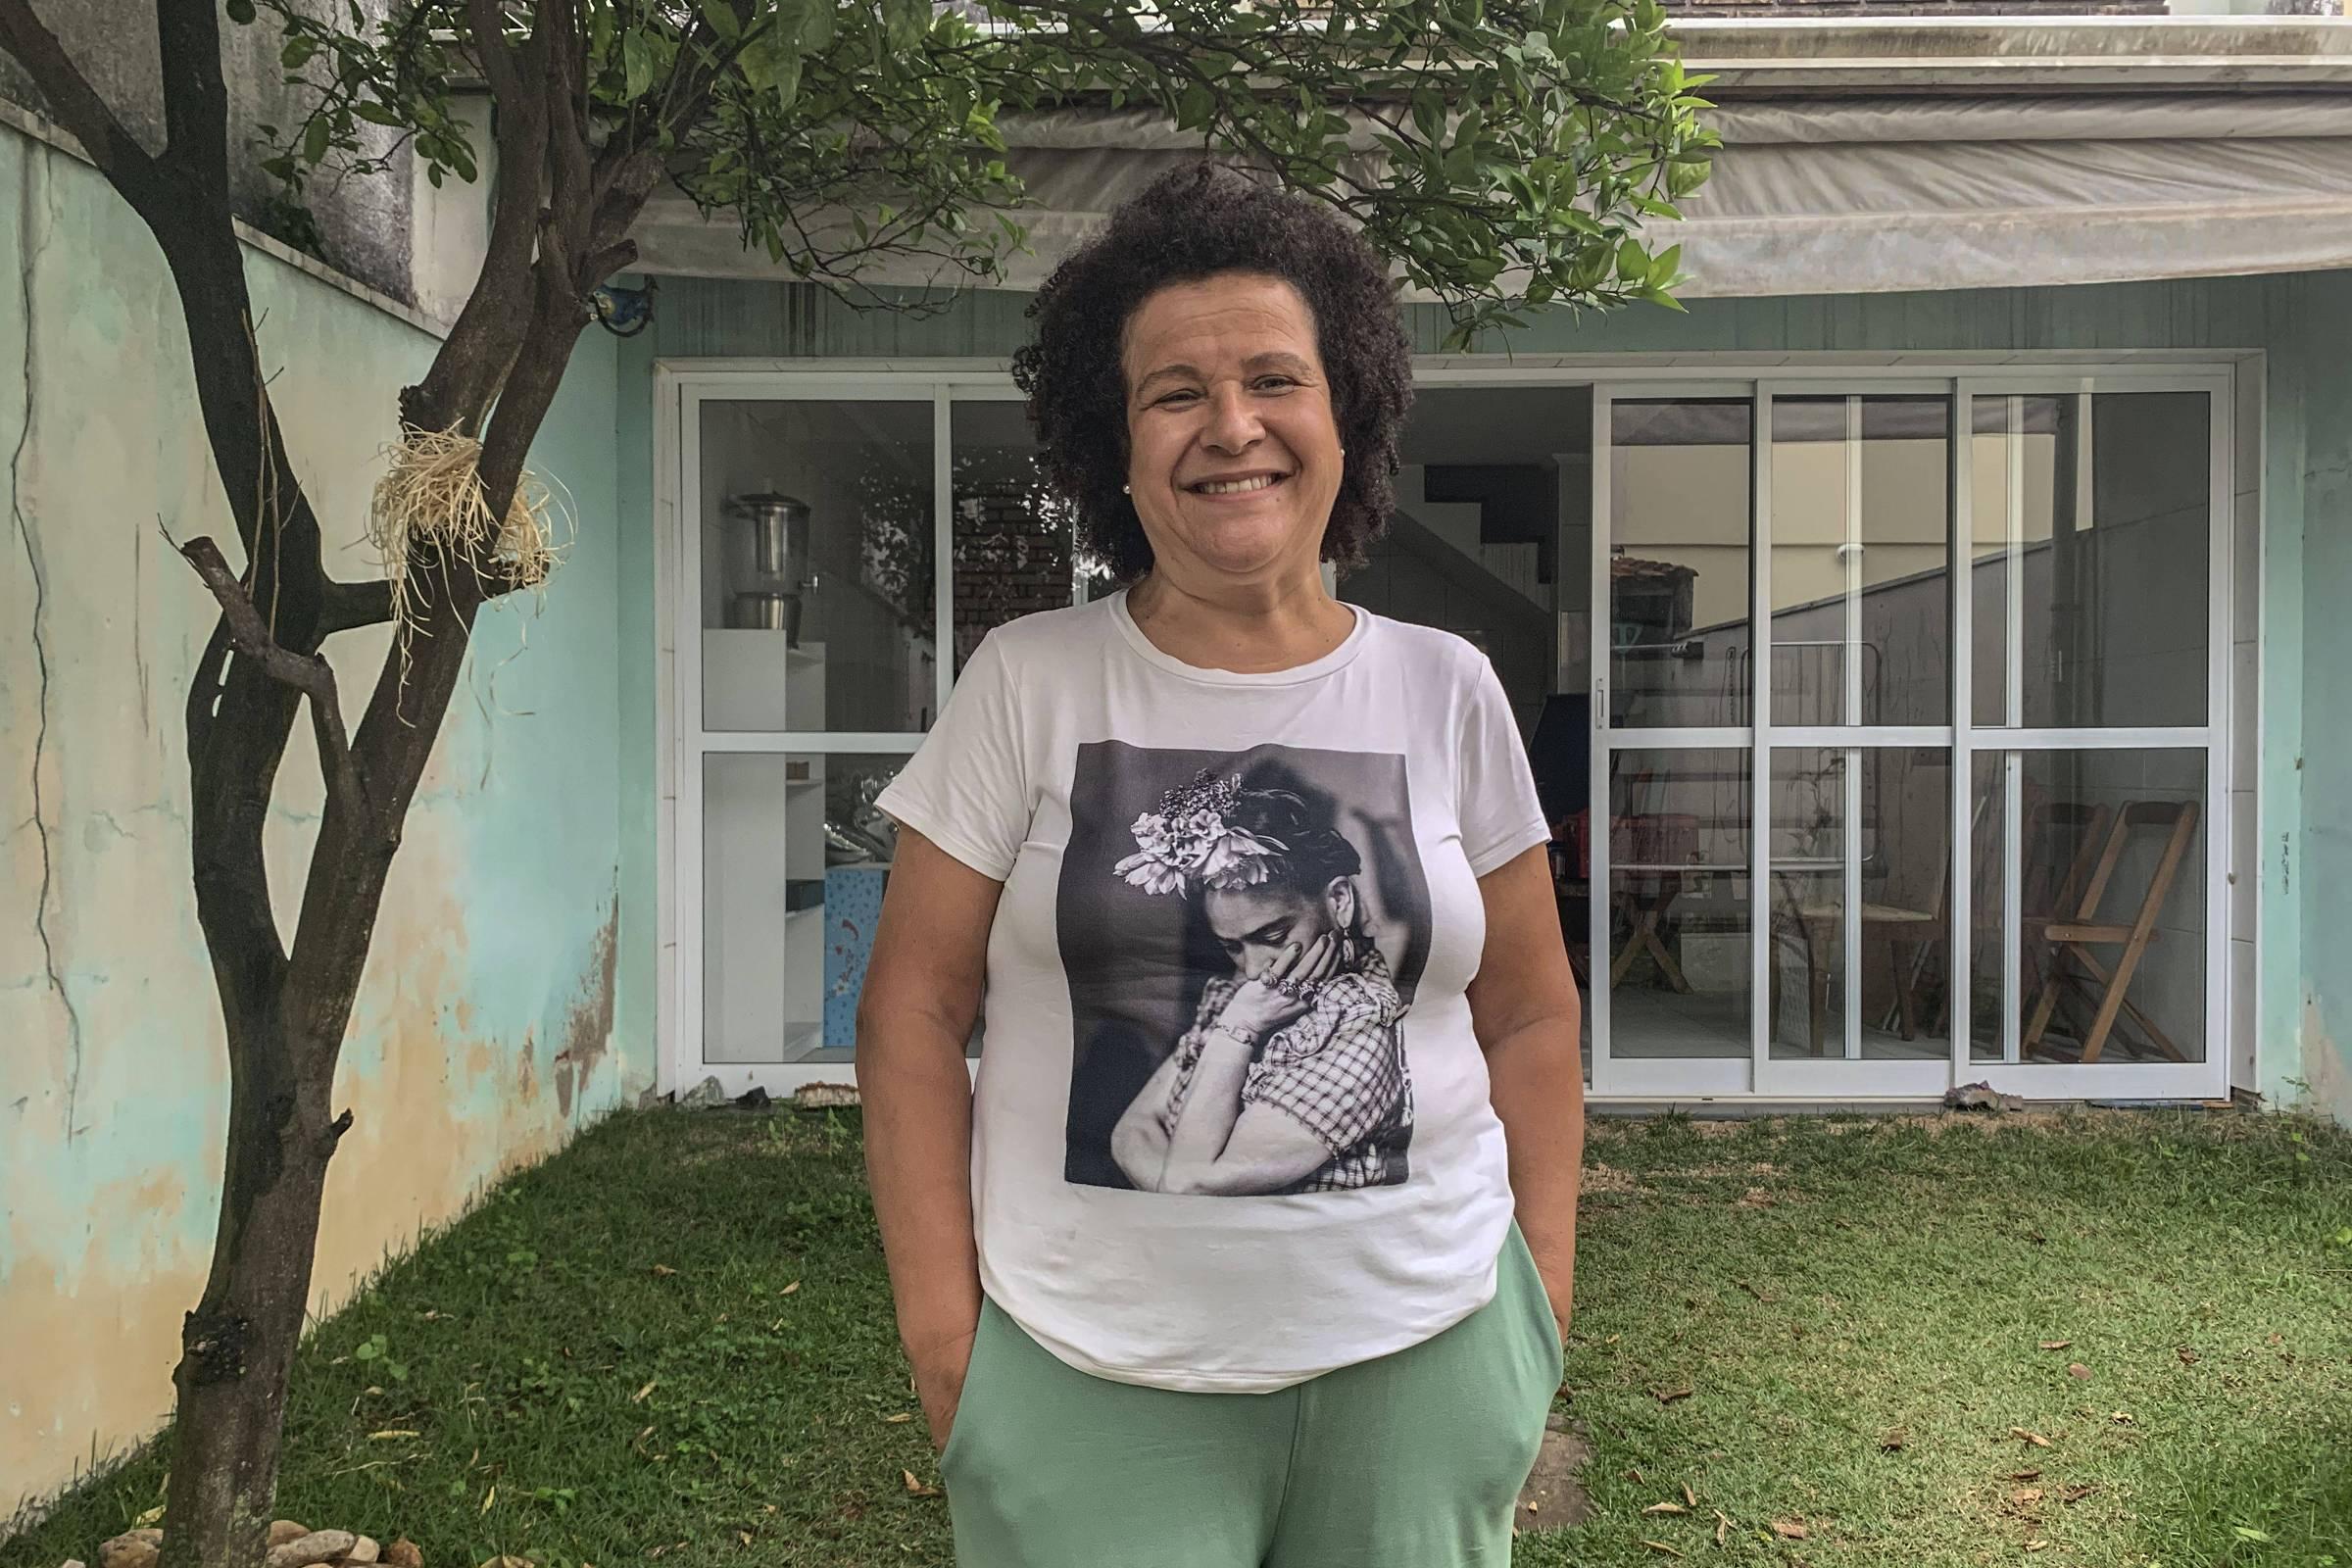 """Ana Fontes, criadora do Instituto Rede Mulher Empreendedora e da iniciativa """"Heróis Usam Máscaras"""", que distribuiu 12 milhões de máscaras na pandemia - Foto: Renato Stockler"""